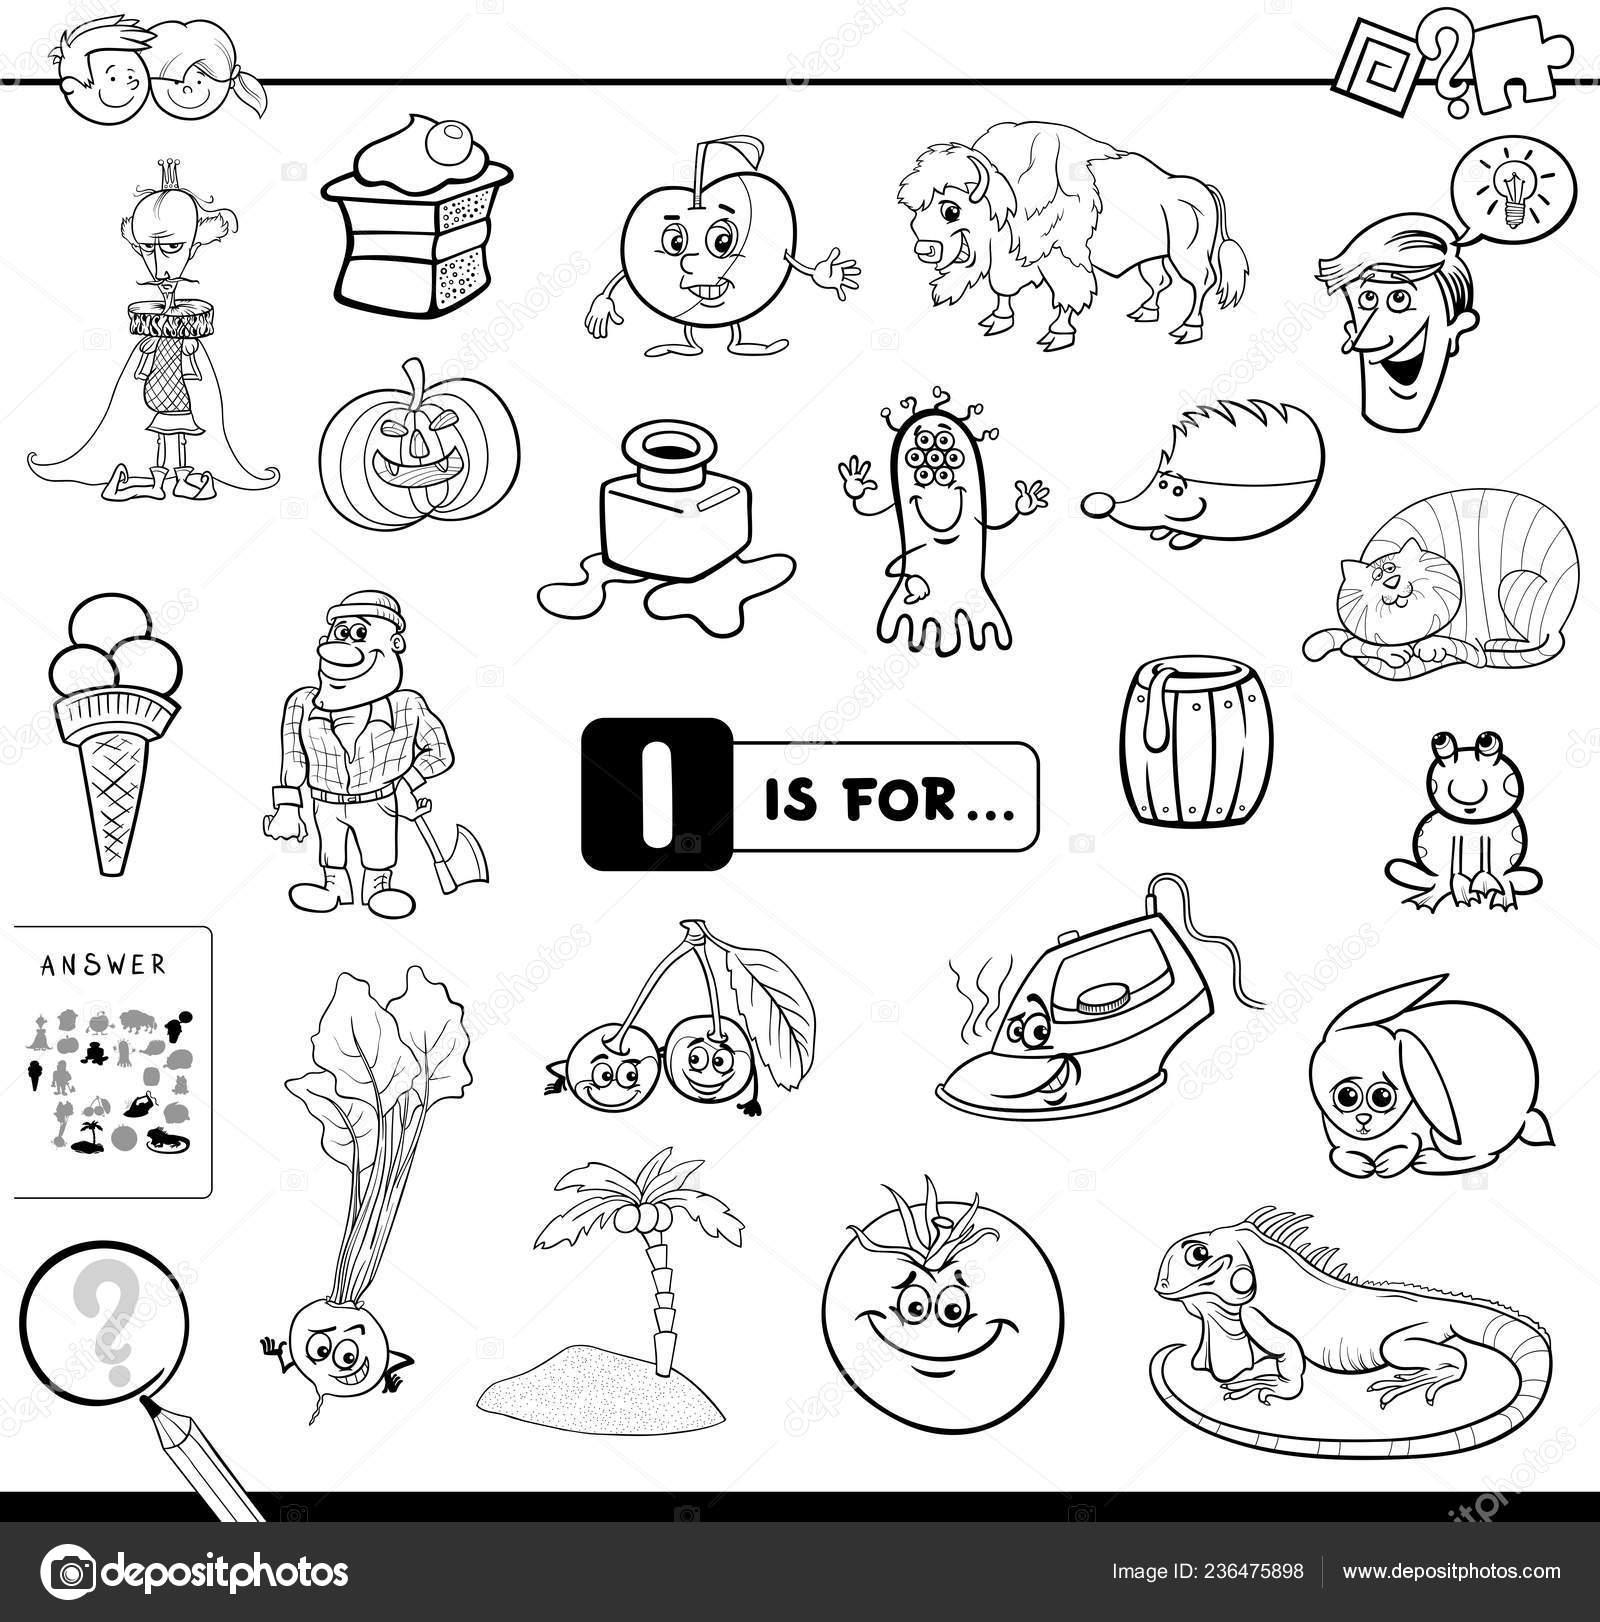 Ilustración Dibujos Animados Blanco Negro Encontrar Imagen